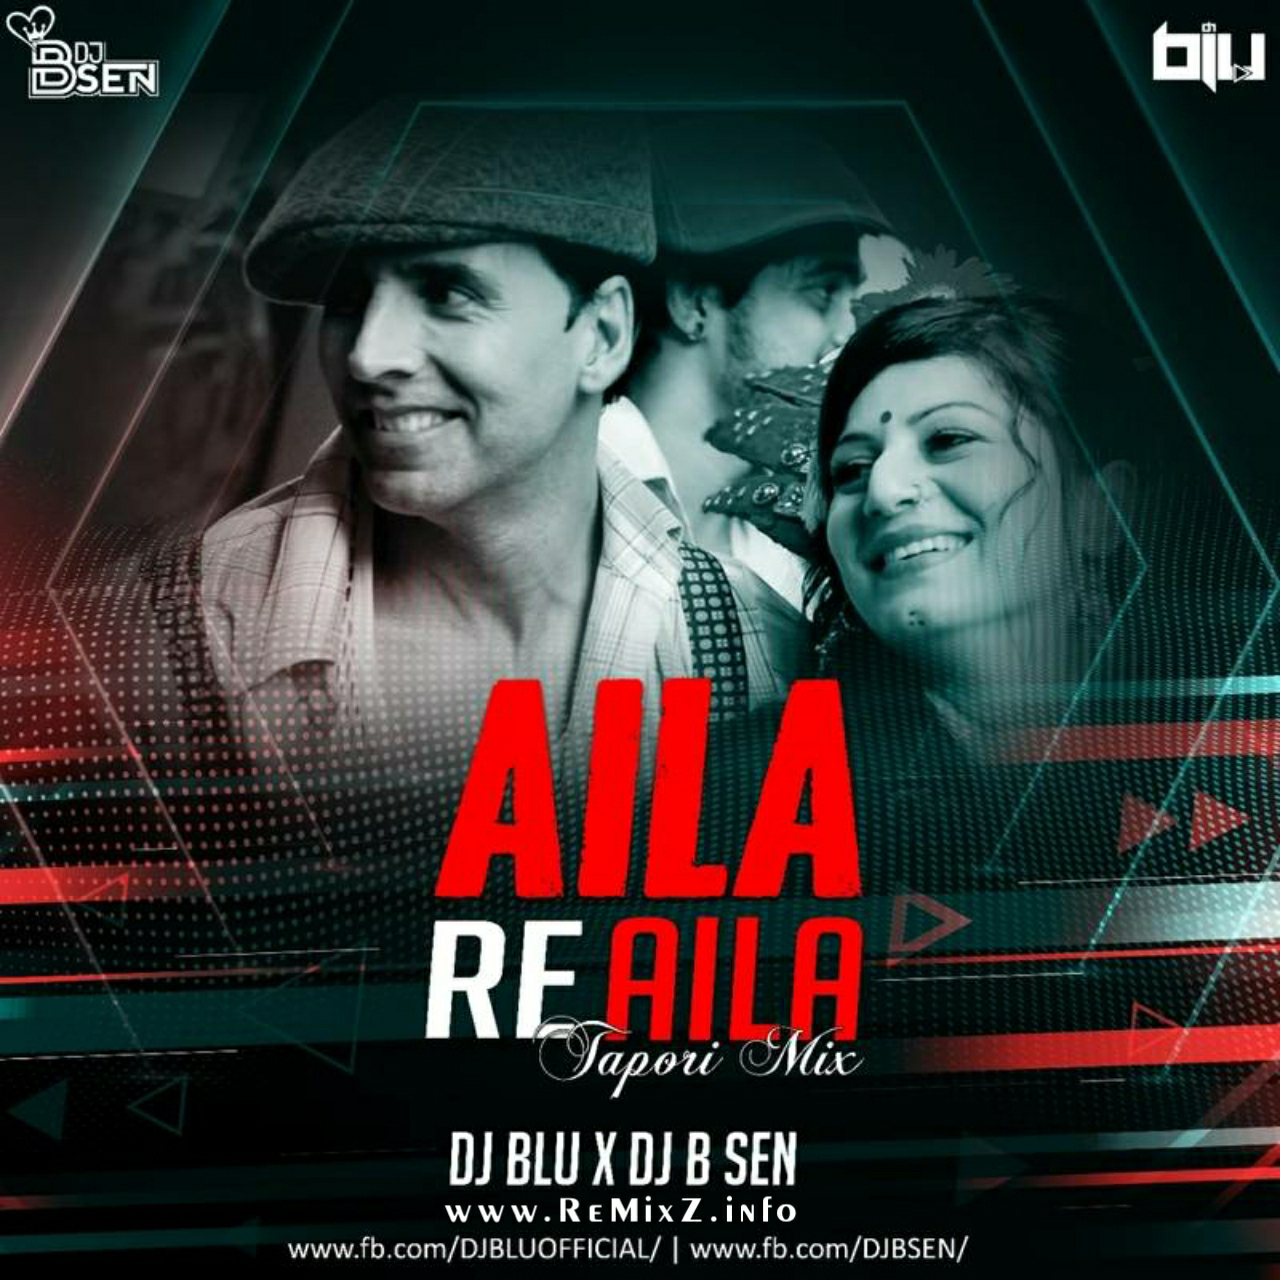 aila-re-aila-tapori-mix-dj-blu-x-dj-b.jpg